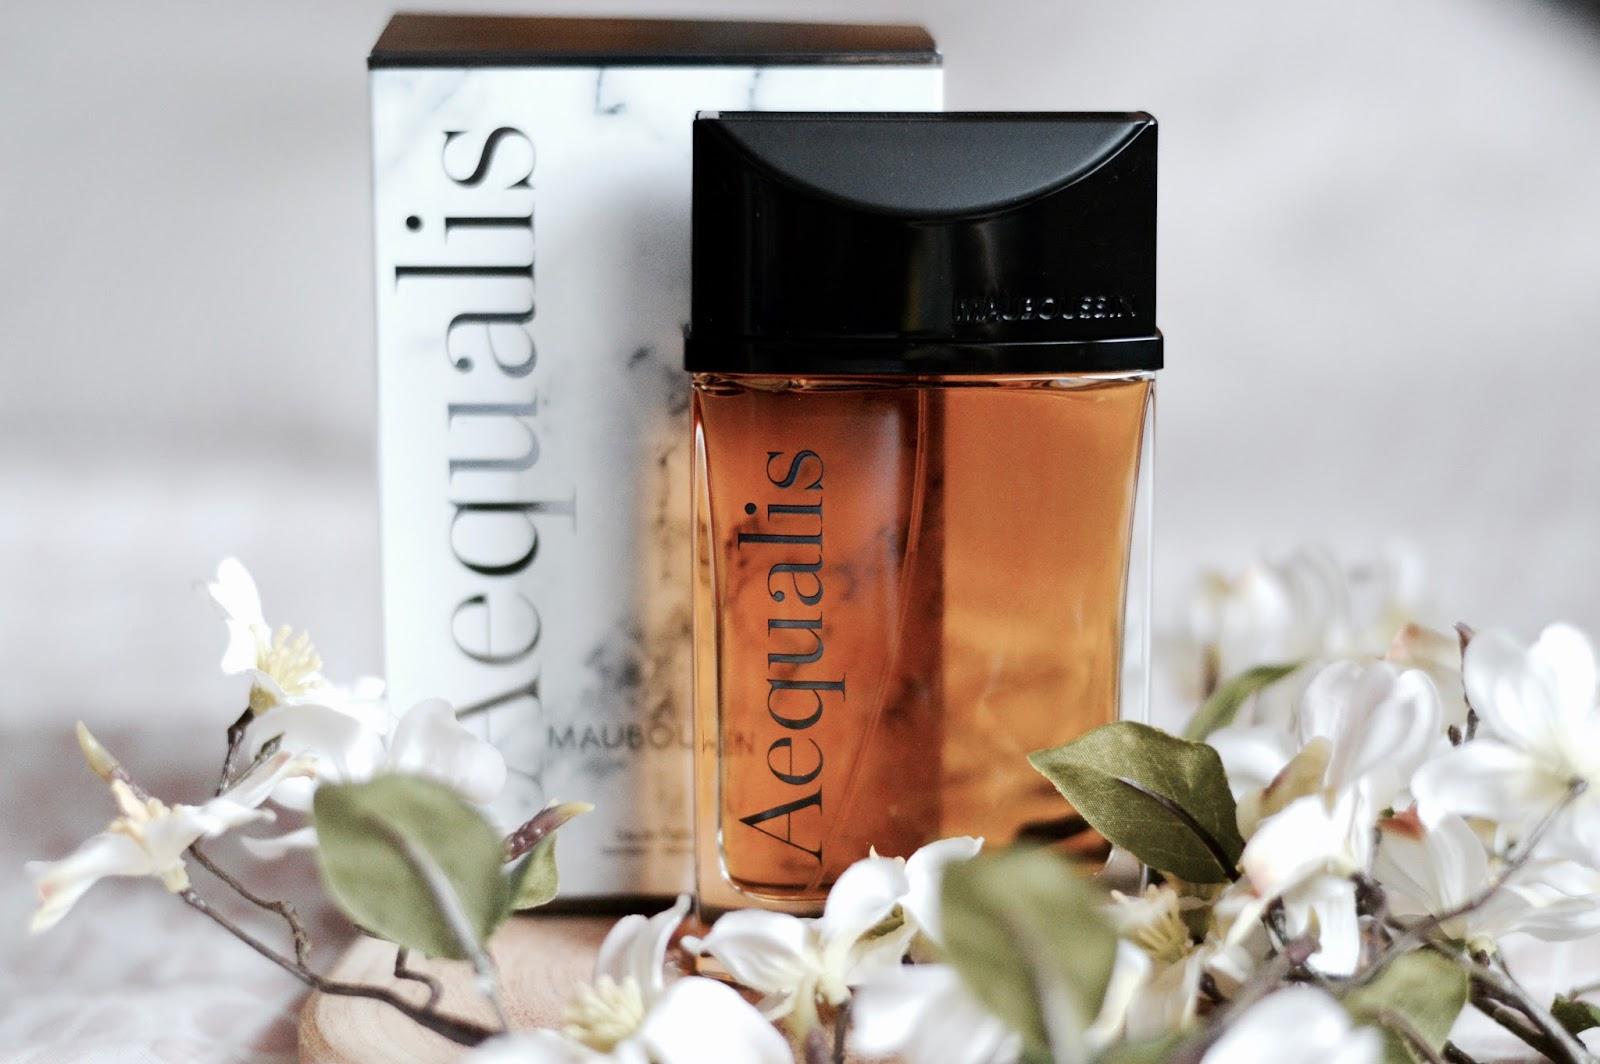 la box homme aout édition 10 parfum Aequalis Mauboussin